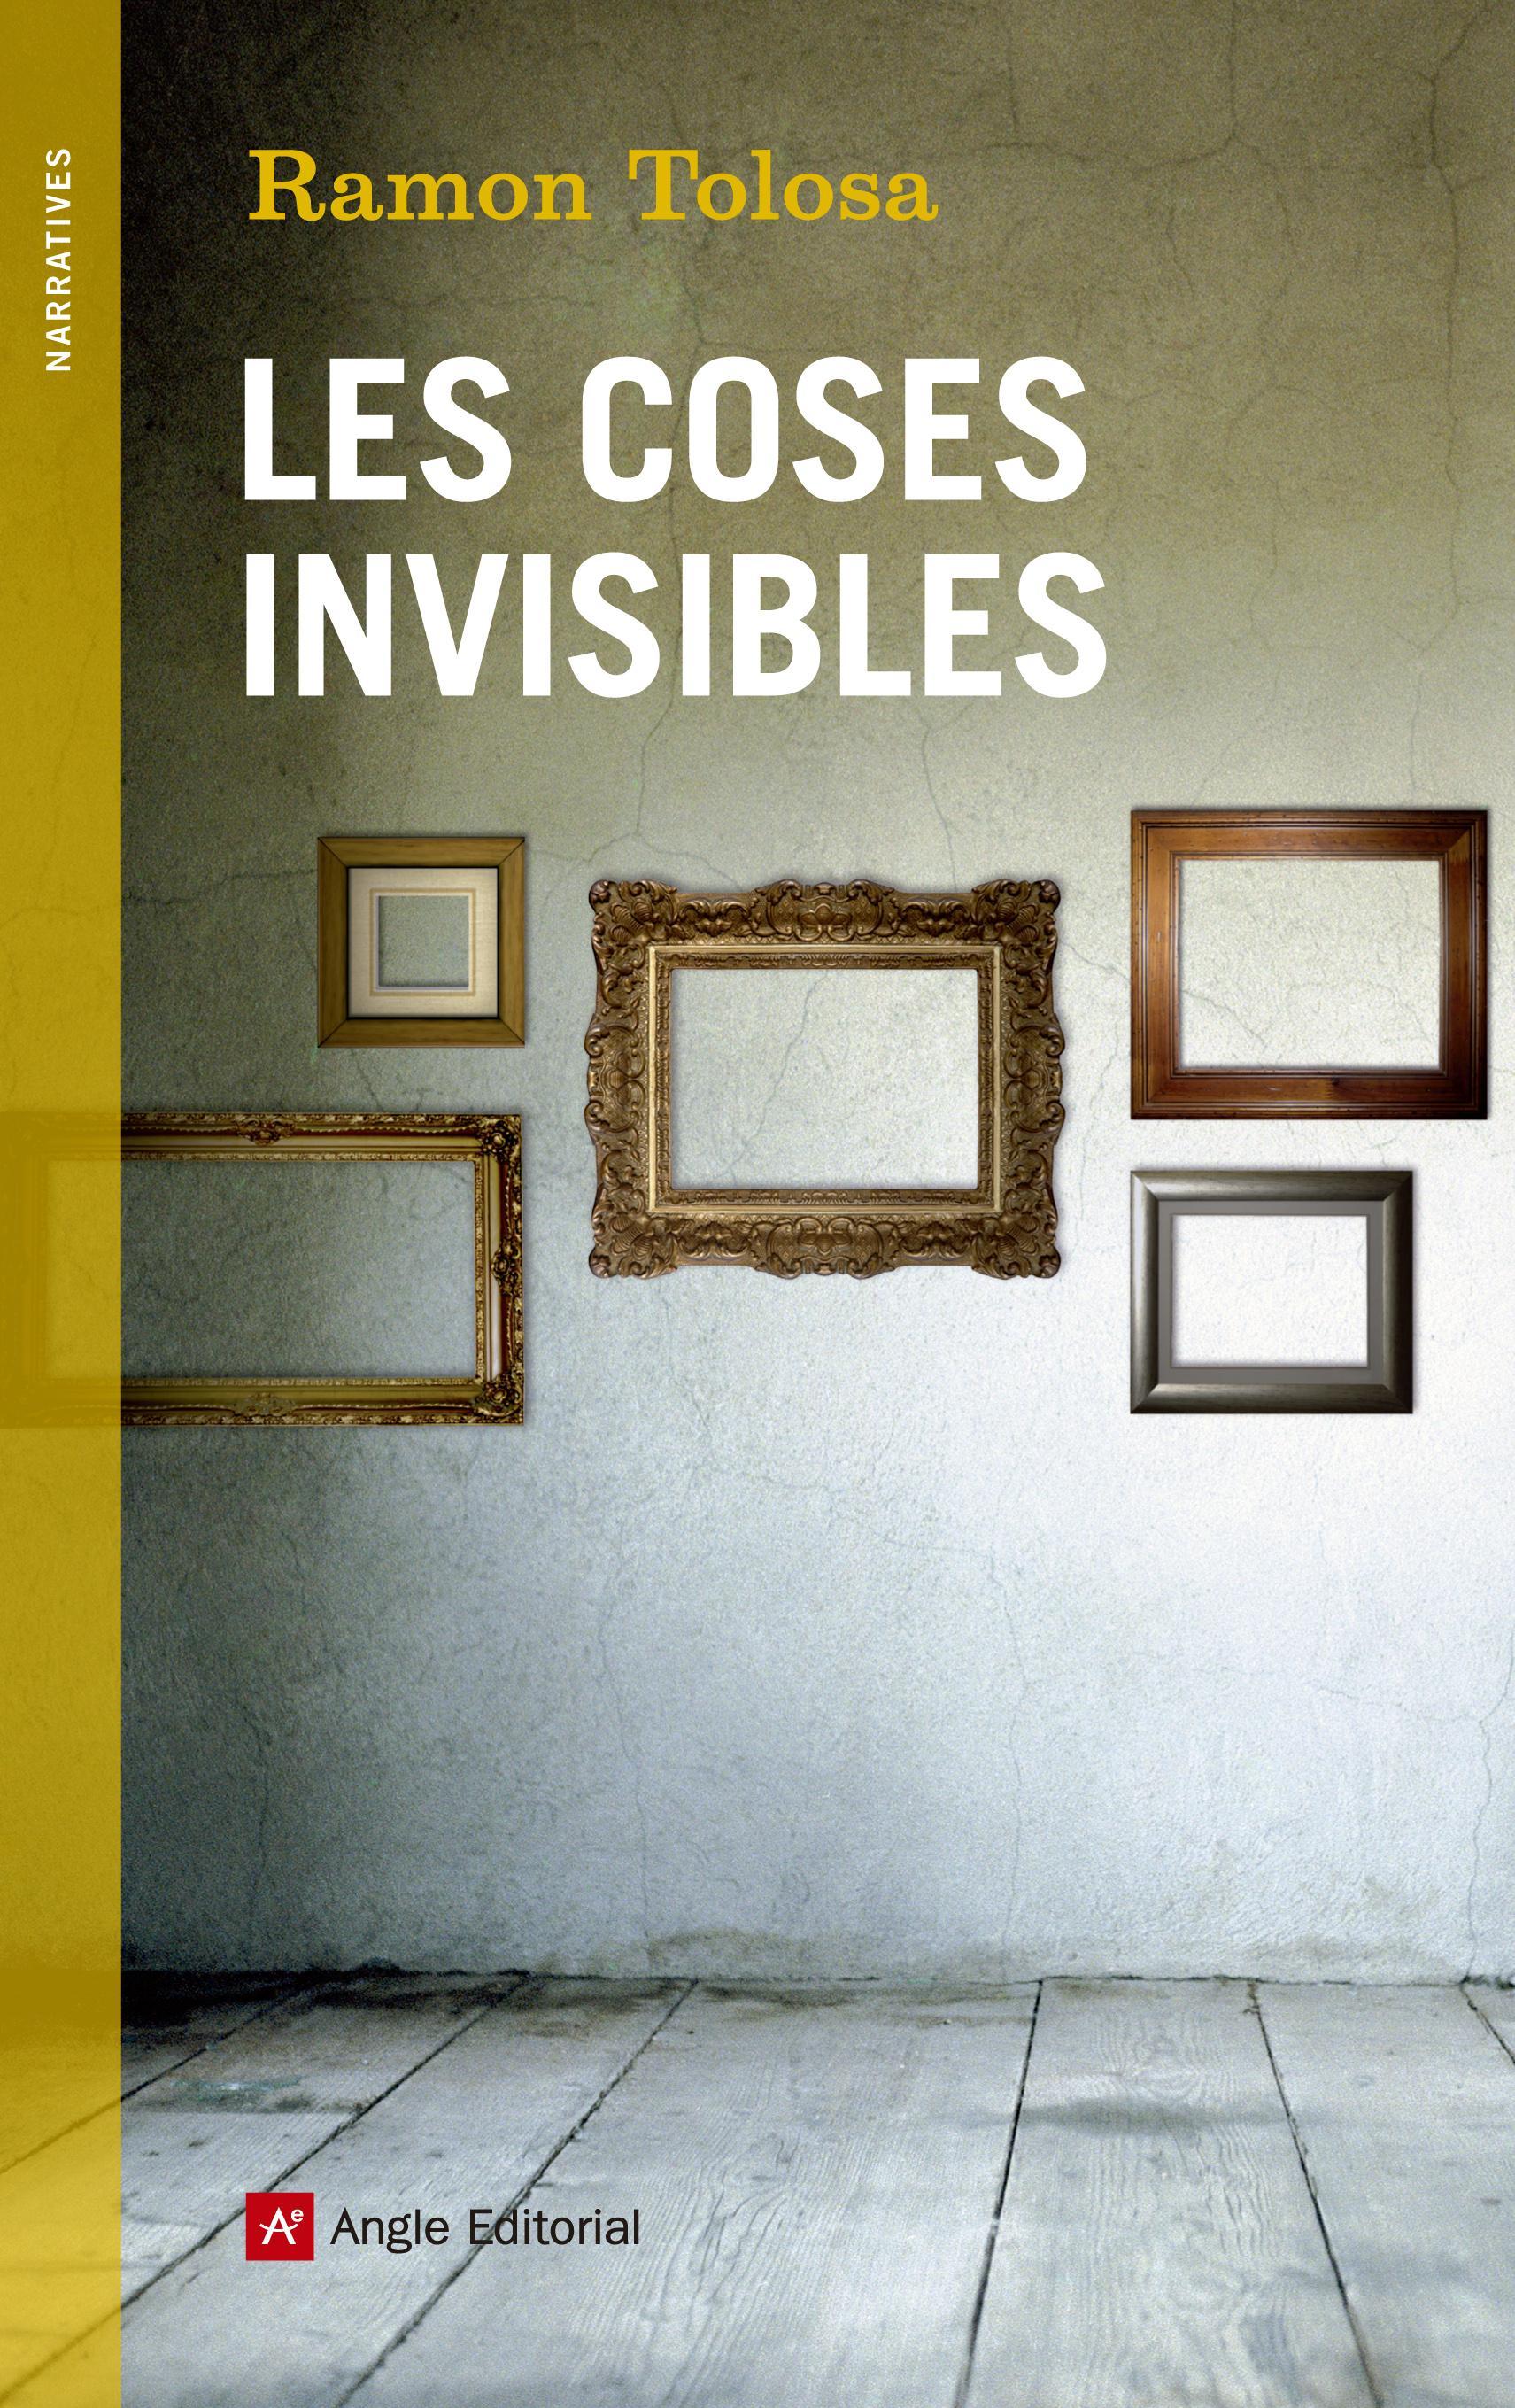 Les coses invisibles